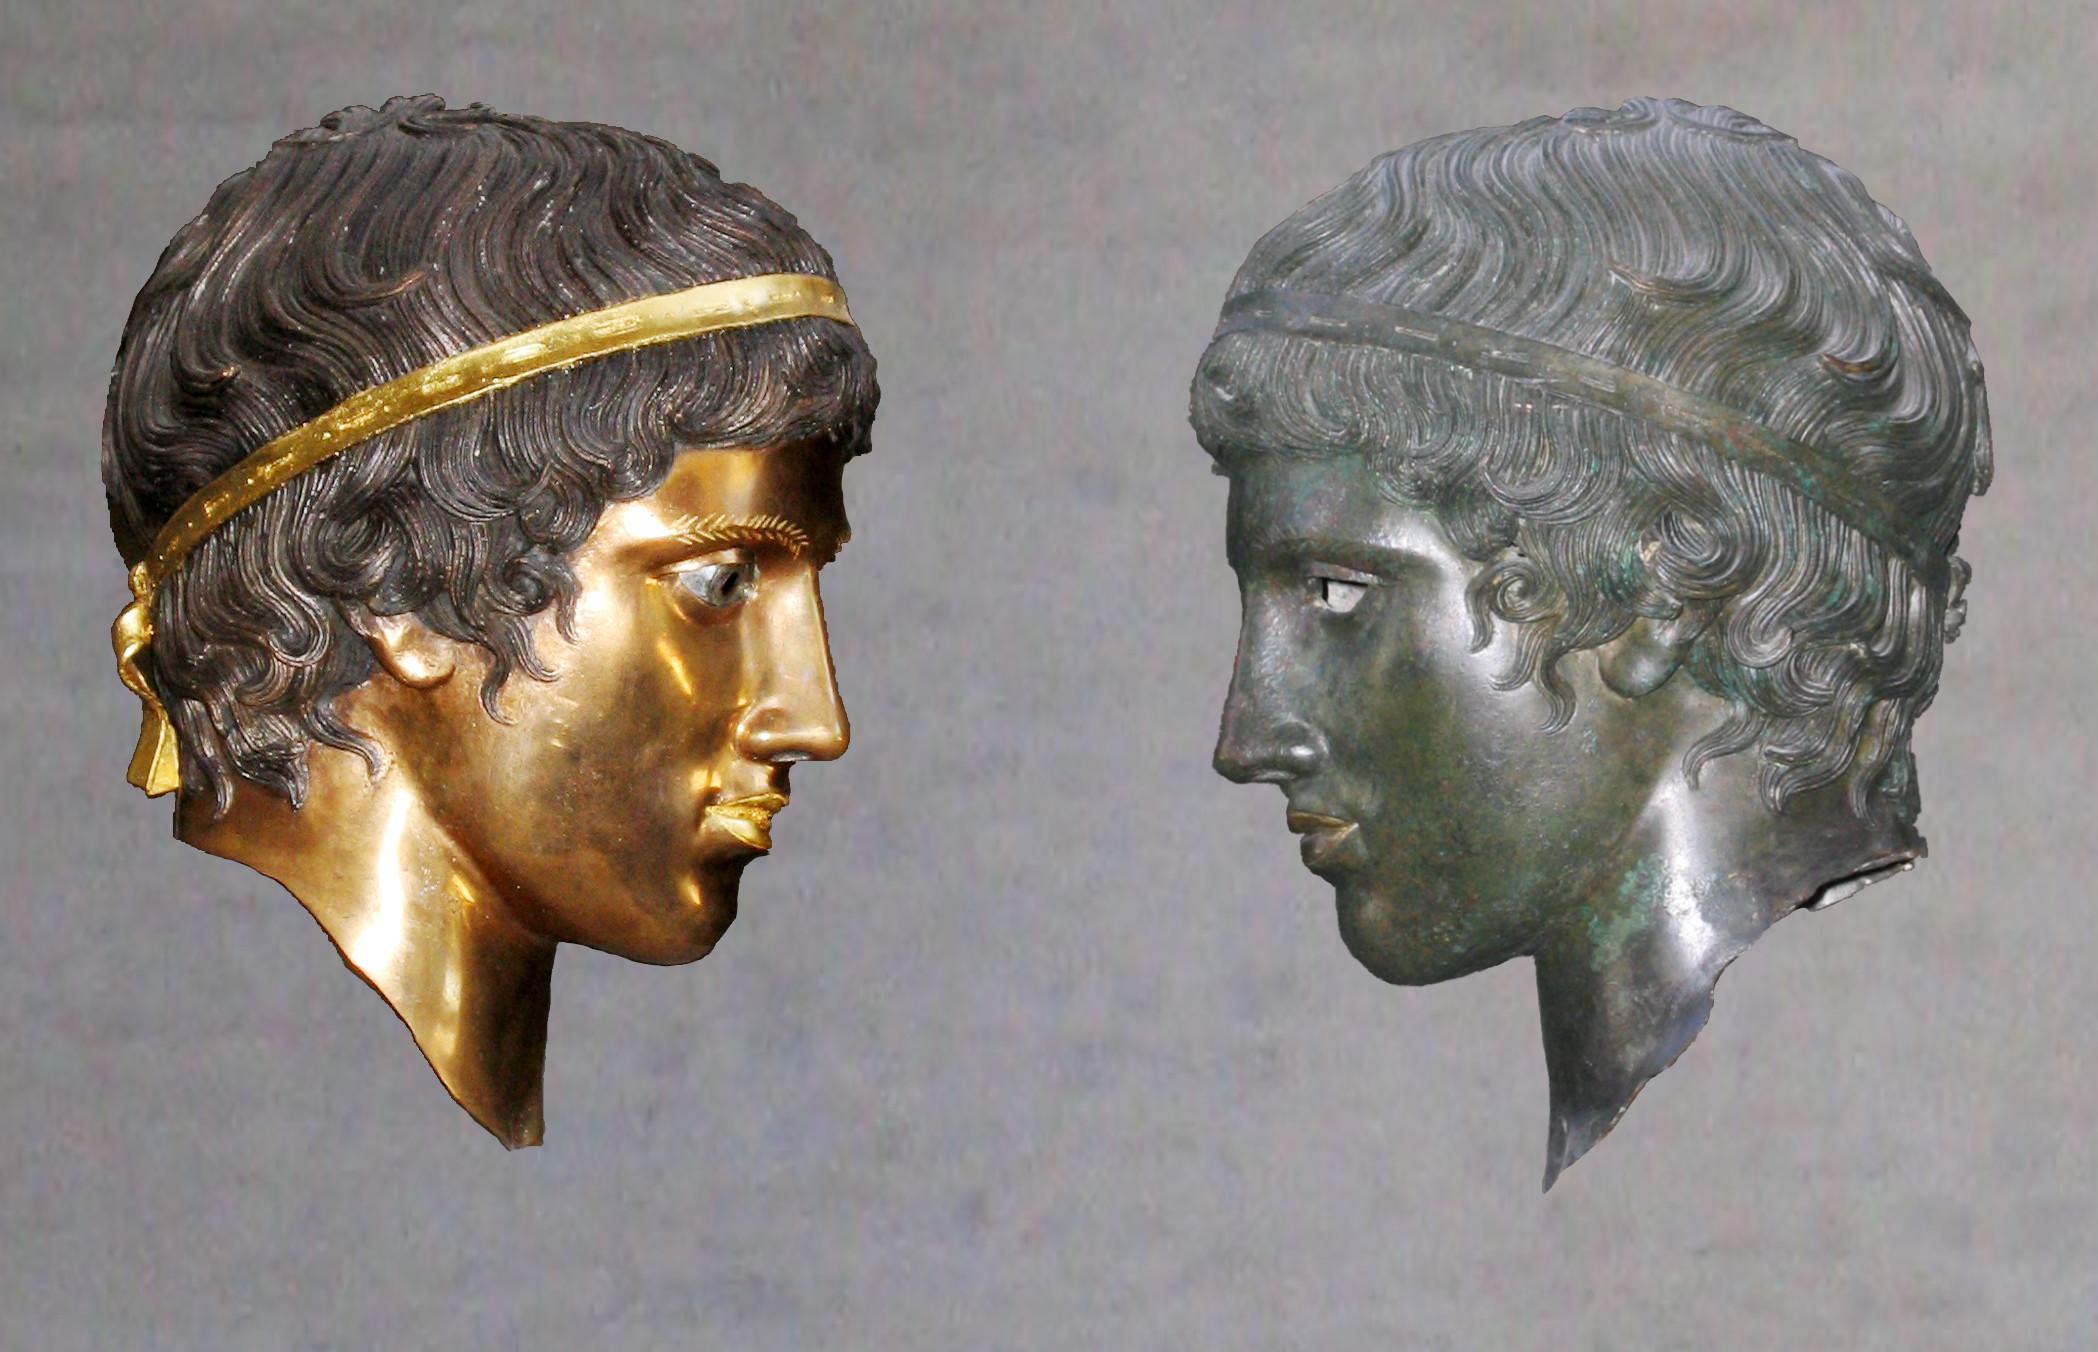 El resultado fue una exposición de reproducciones de estatuas clásicas, con los colores originales que Brinkmann ha logrado reconstruir, en la Gliptoteca de Munich en 2003.